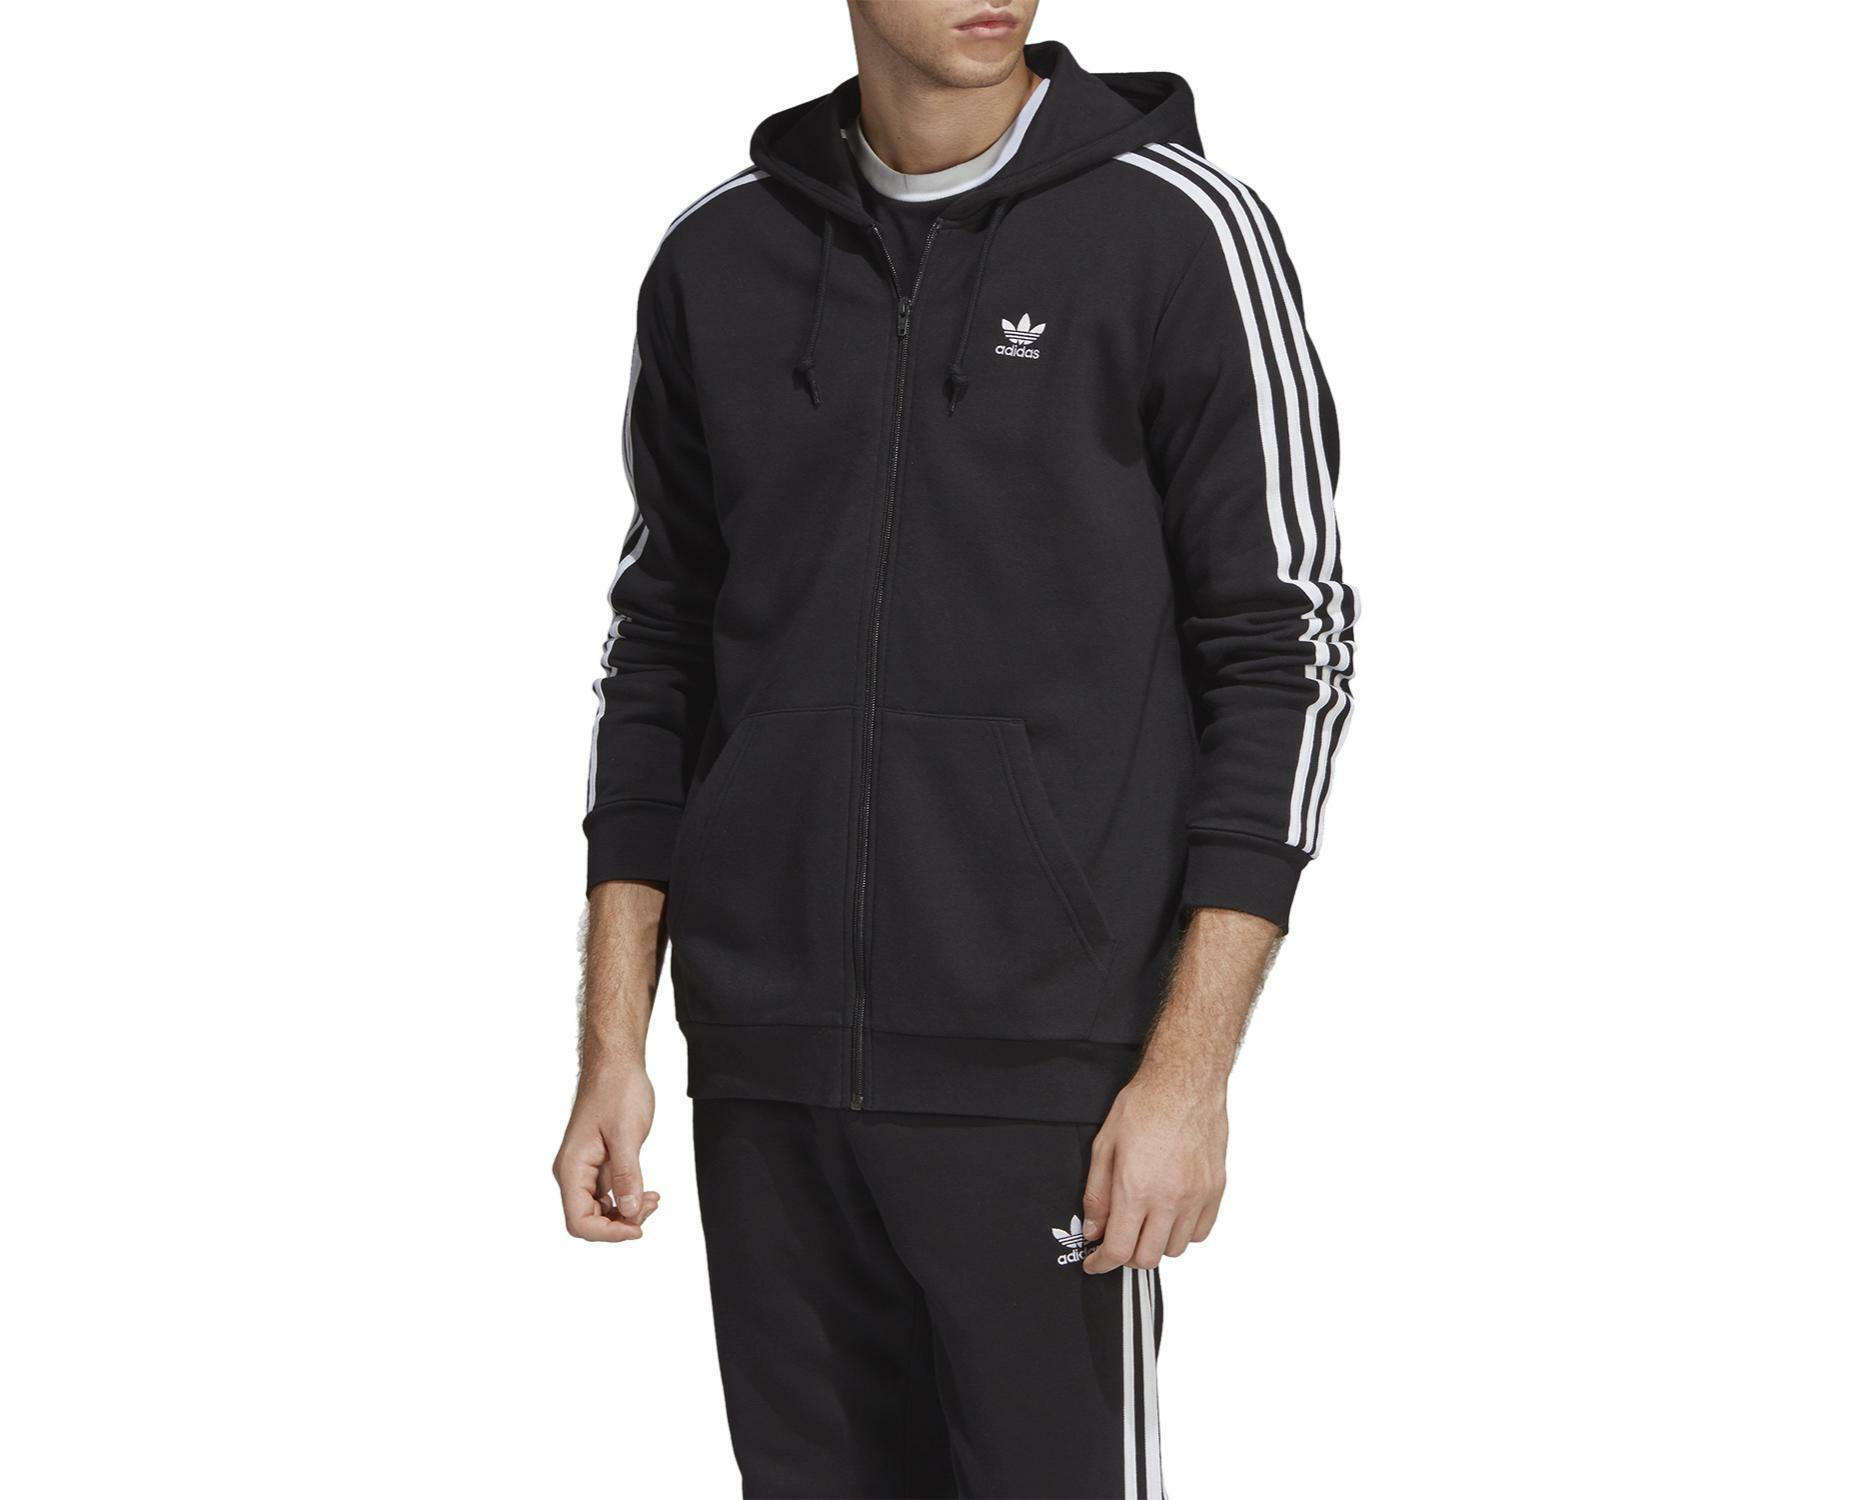 best loved 9e29c bf020 Adidas 3 stripes fz felpa con cappuccio zip uomo nera felpata dv1551